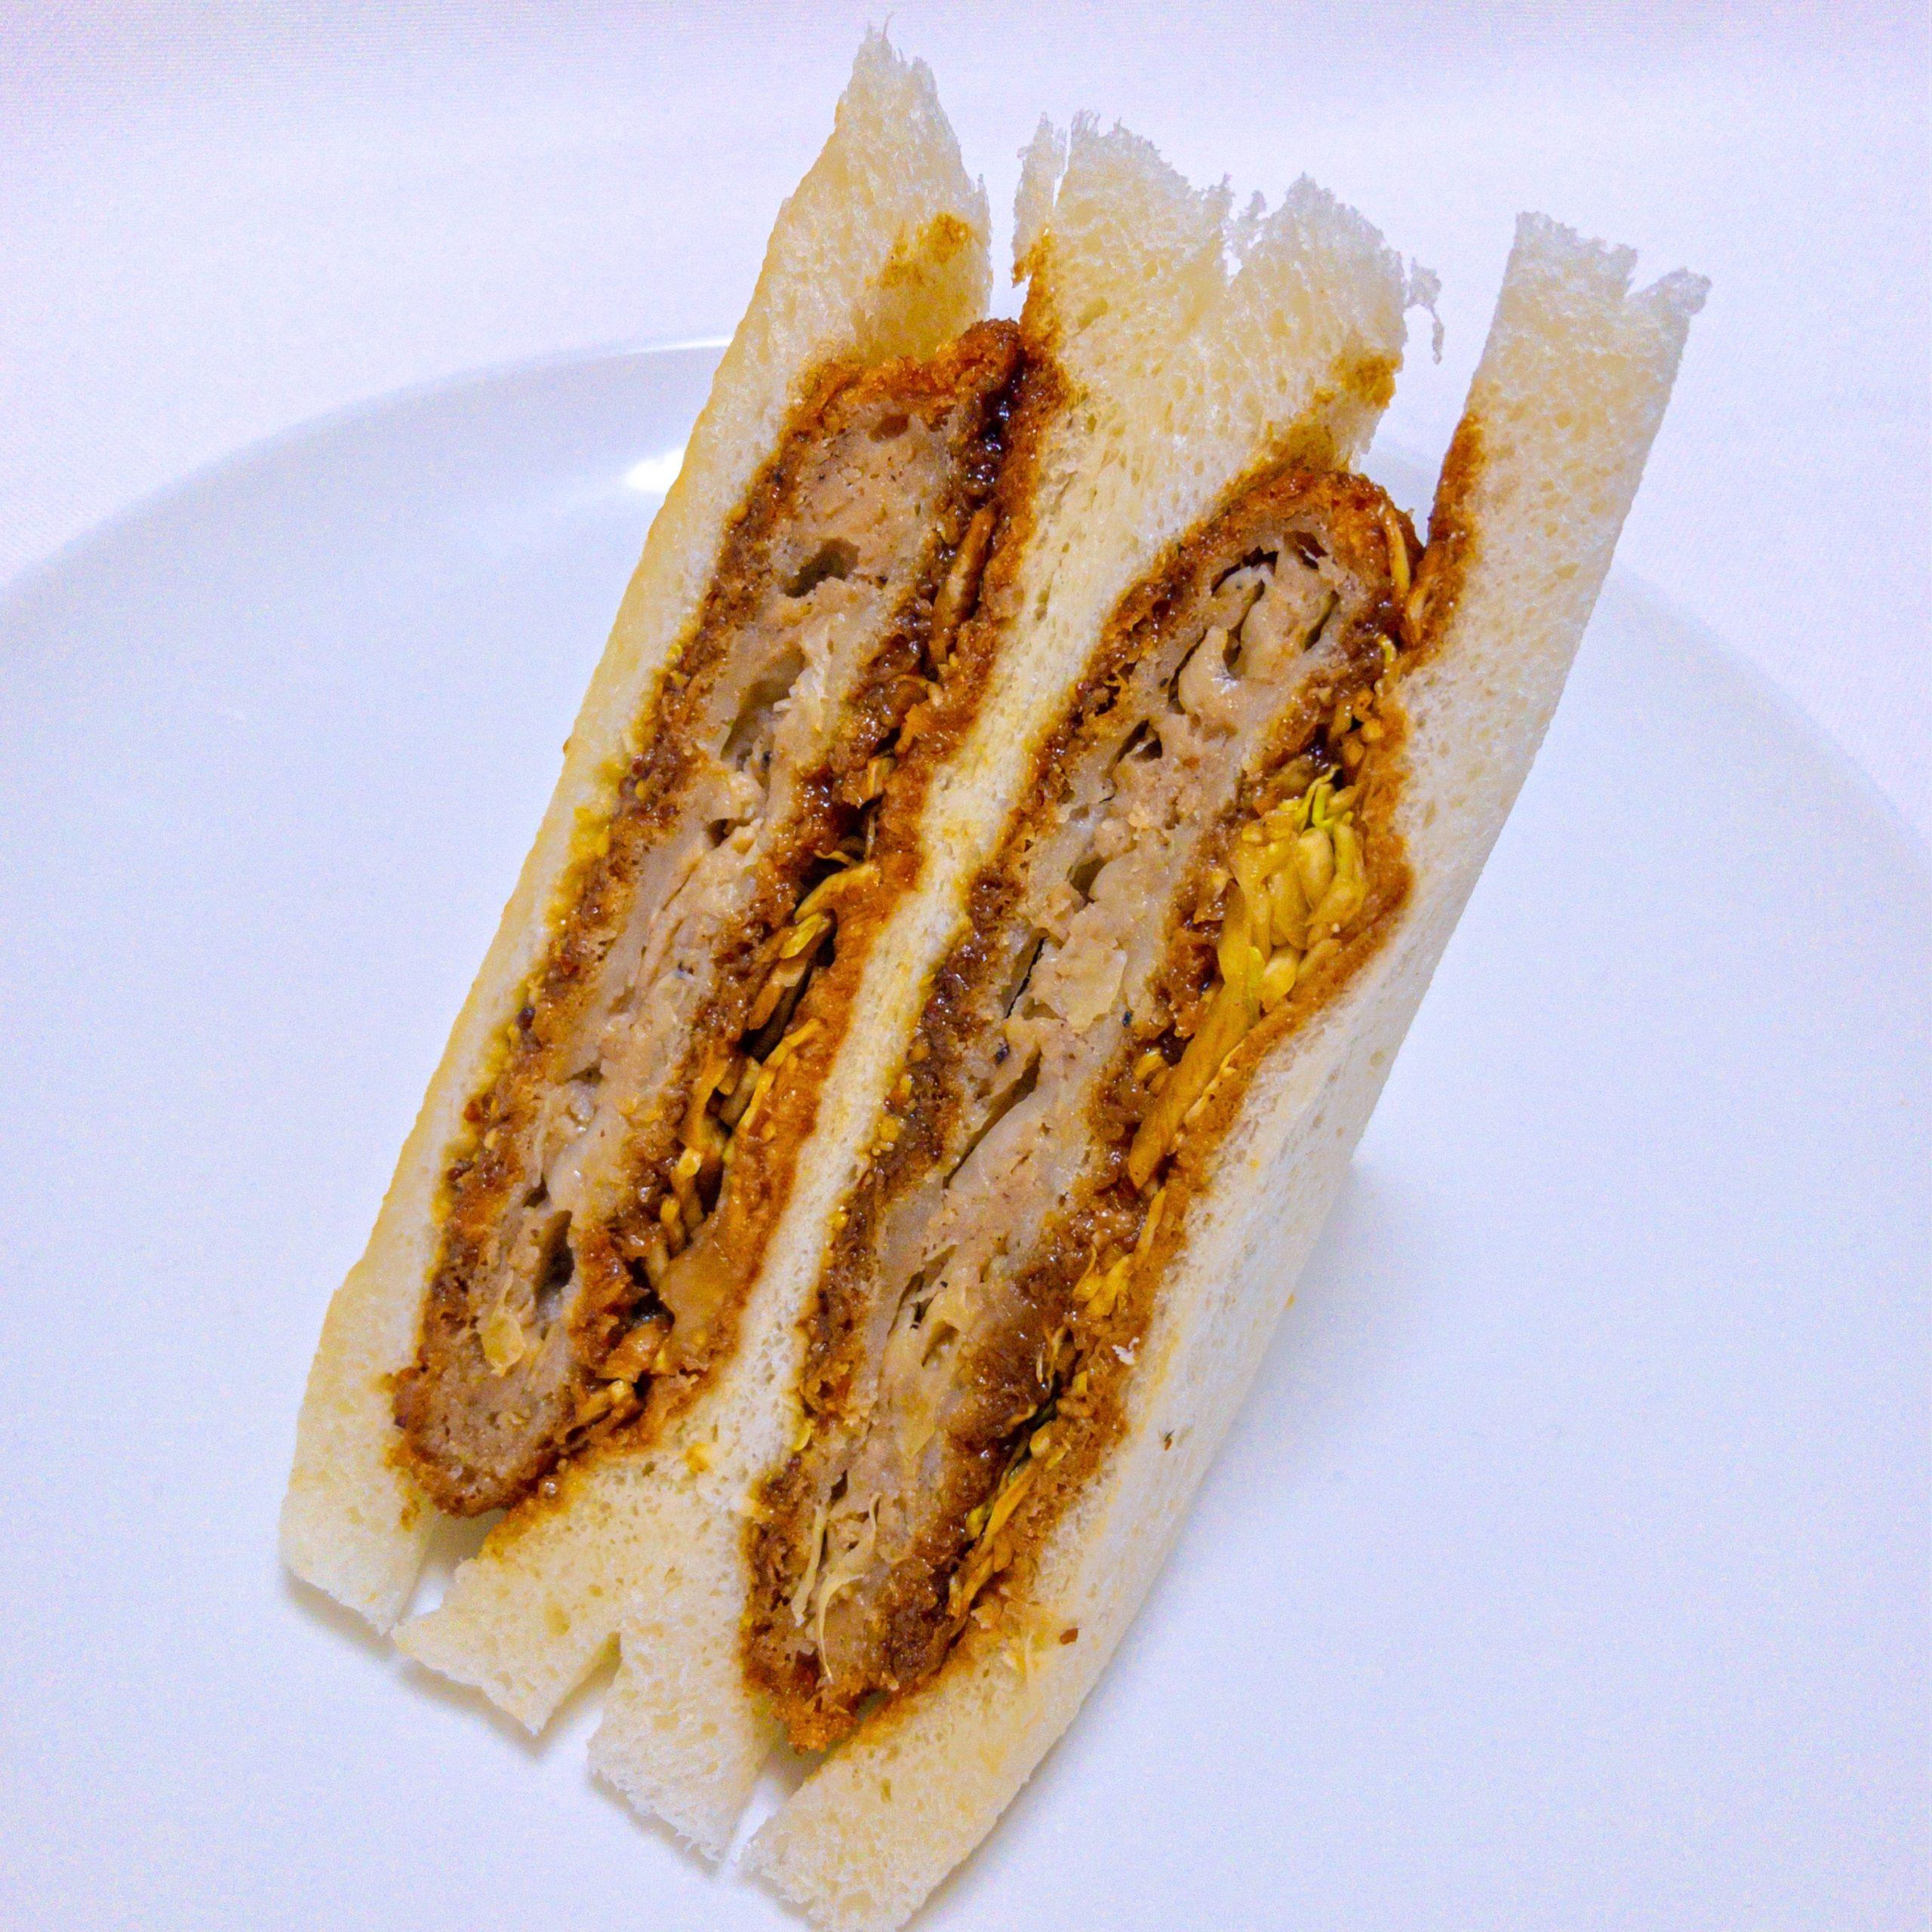 ローソンストア100の「サンドイッチ(メンチカツ)」